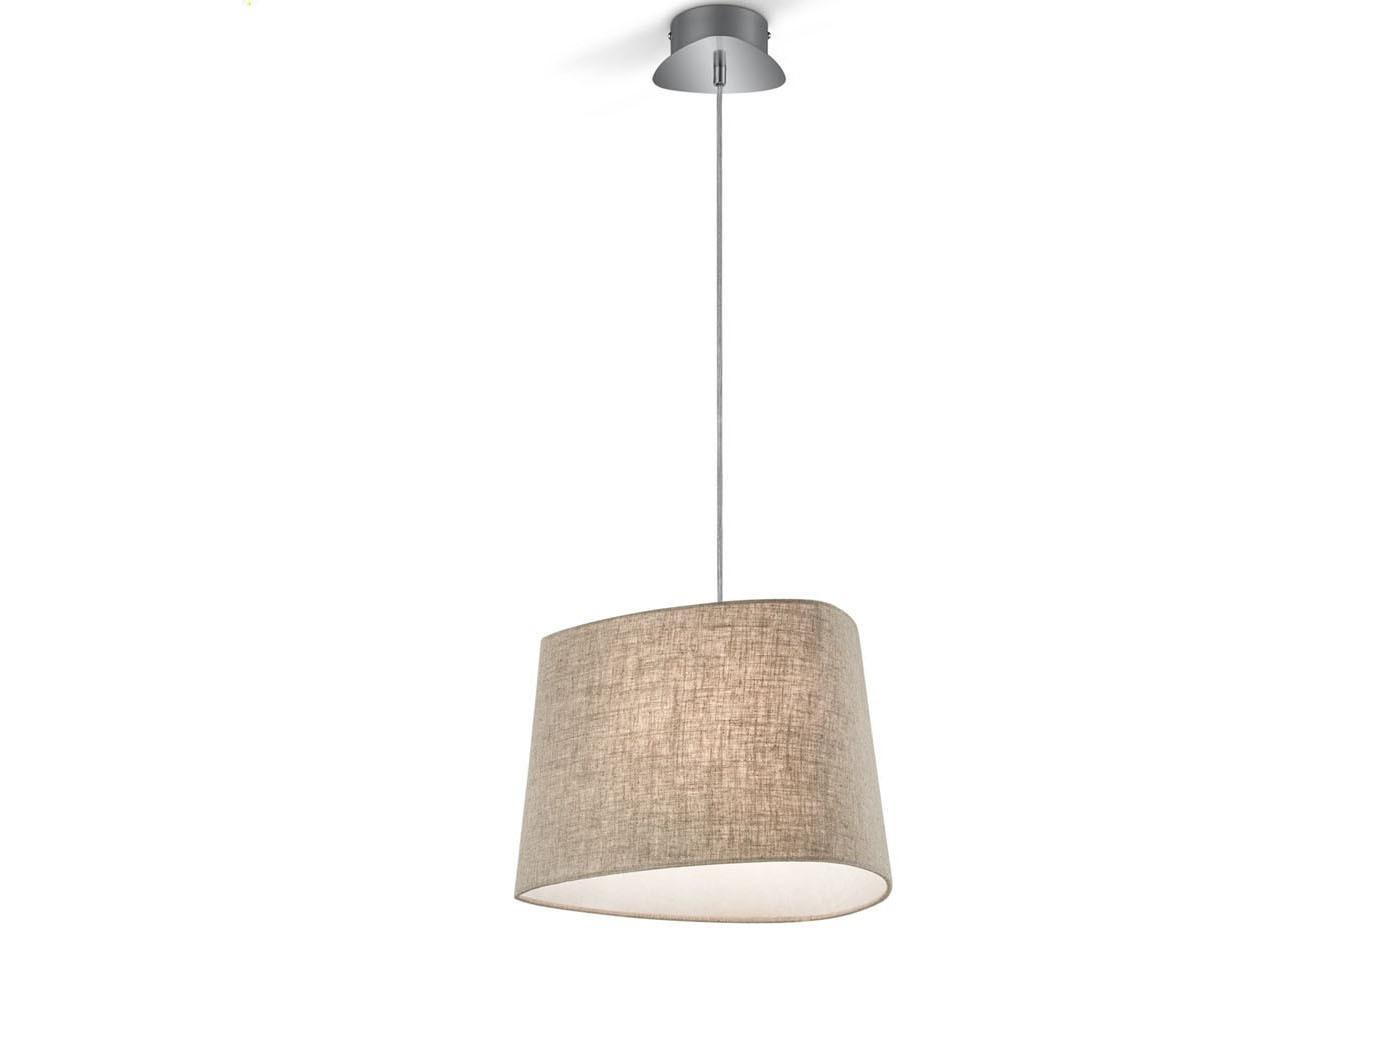 lampenschirm klein stoff lampenschirm stoff innen und au en beige grau wundersch n. Black Bedroom Furniture Sets. Home Design Ideas